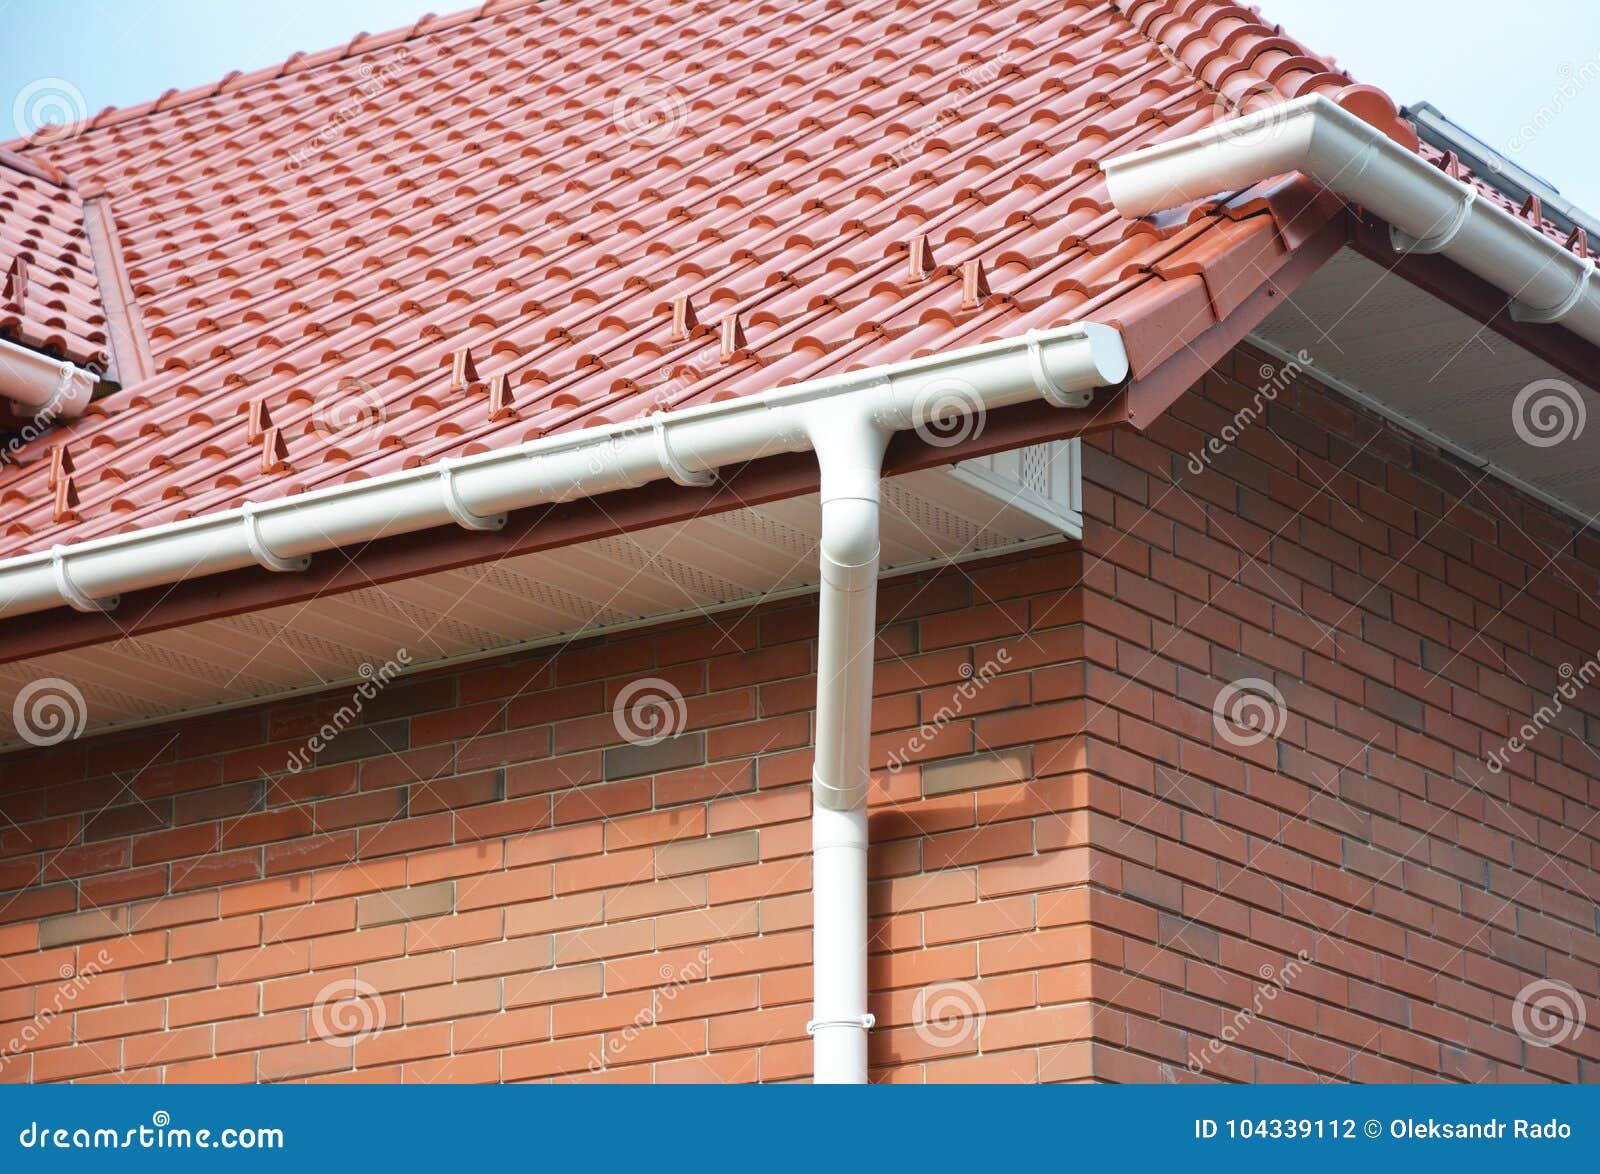 Huis Guttering, Dakwerkbouw, Goten, Plastic Guttering-Systeem, Daktegels, Guttering & de Woningbouw van de Drainagepijp